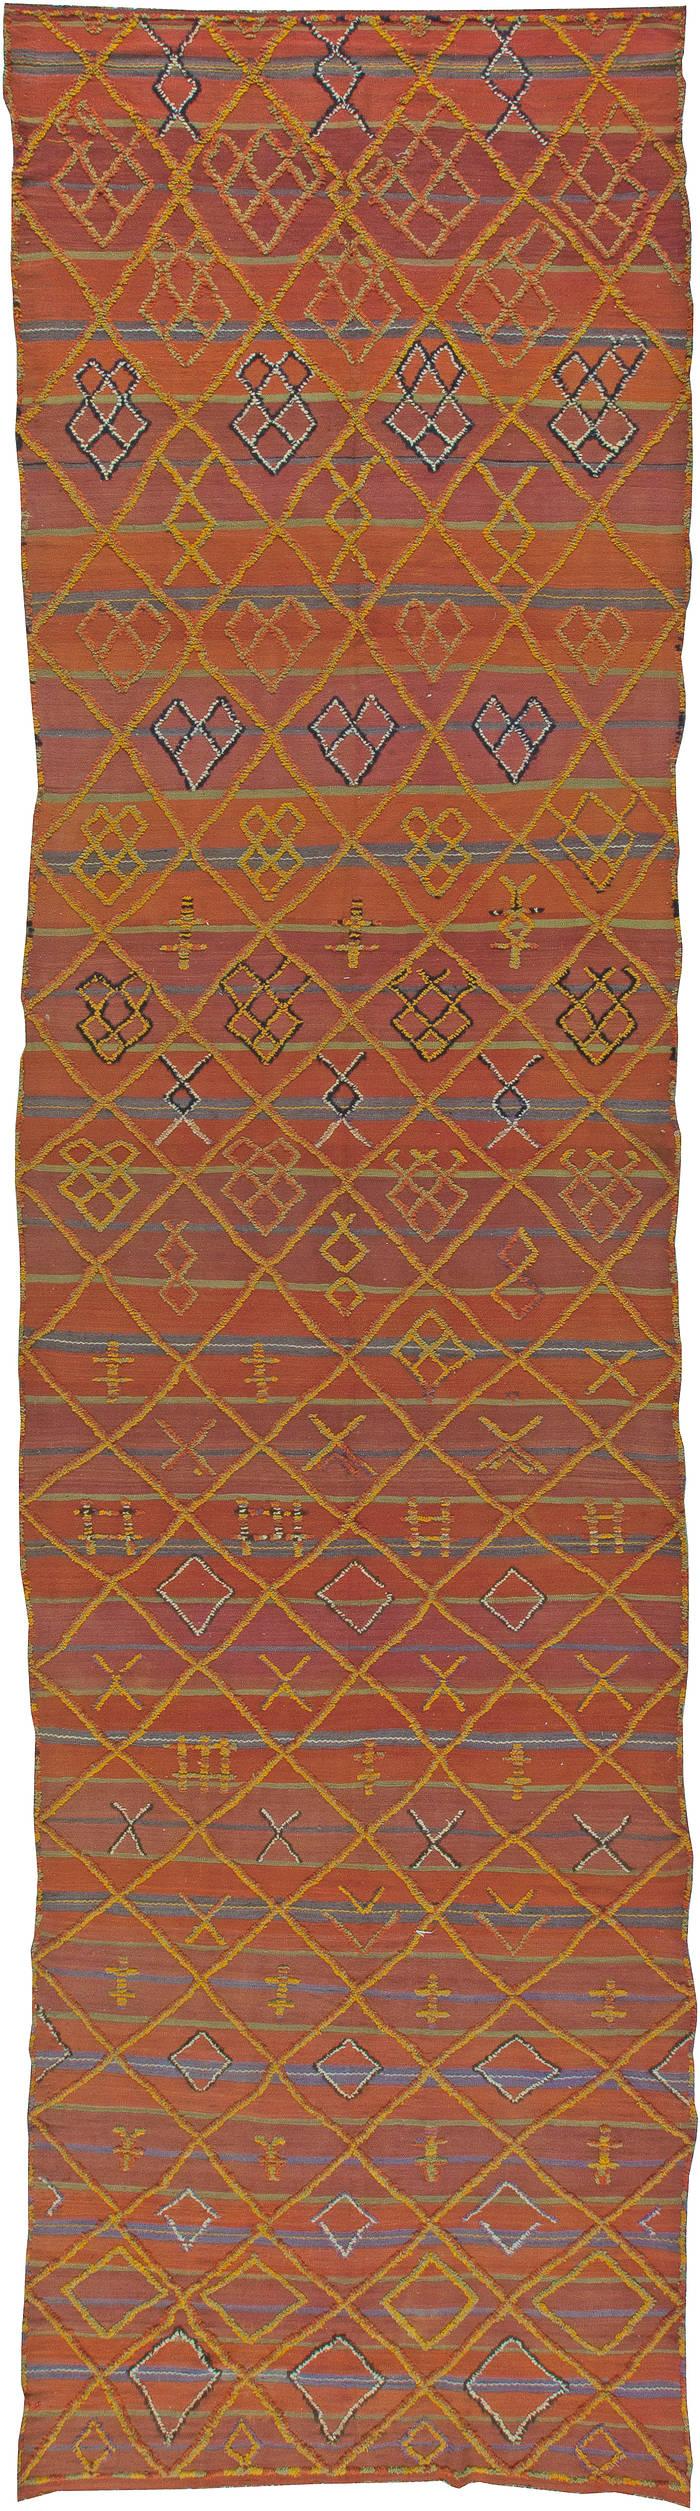 Vintage Moroccan Rug BB5485